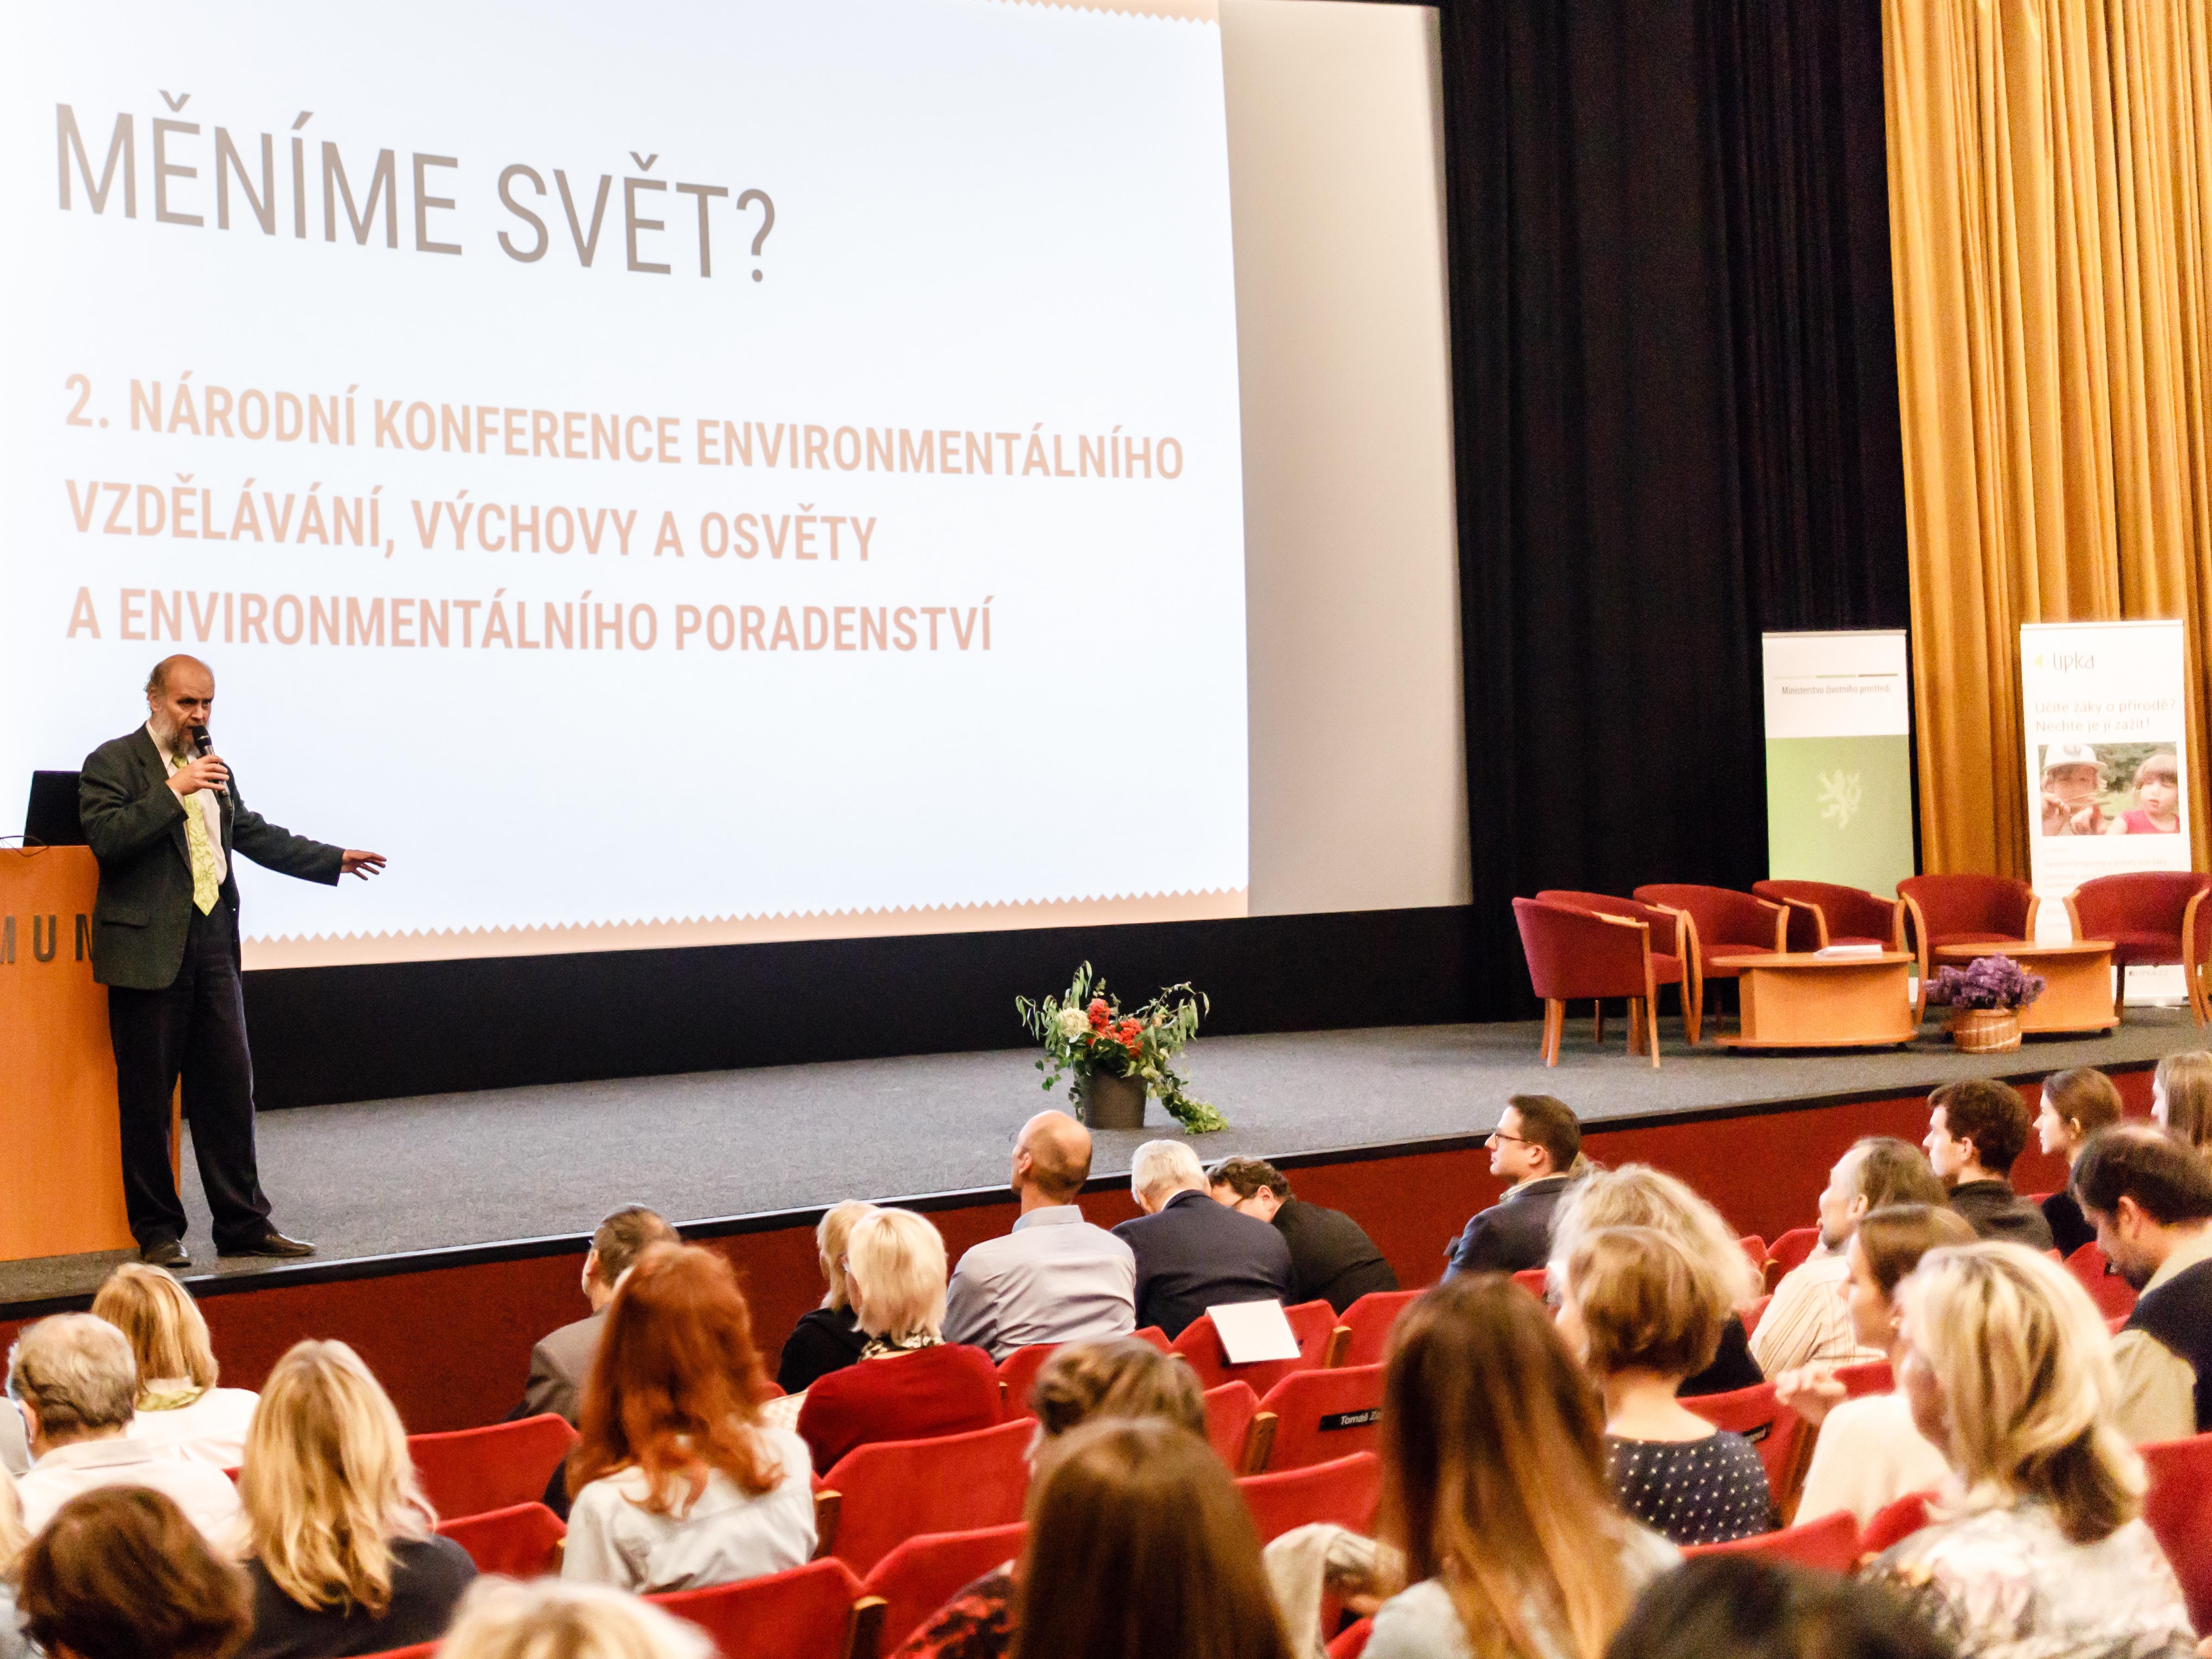 I dospělí mohou změnit své návyky ve prospěch životního prostředí, shodli se účastníci konference pro envivzdělávání